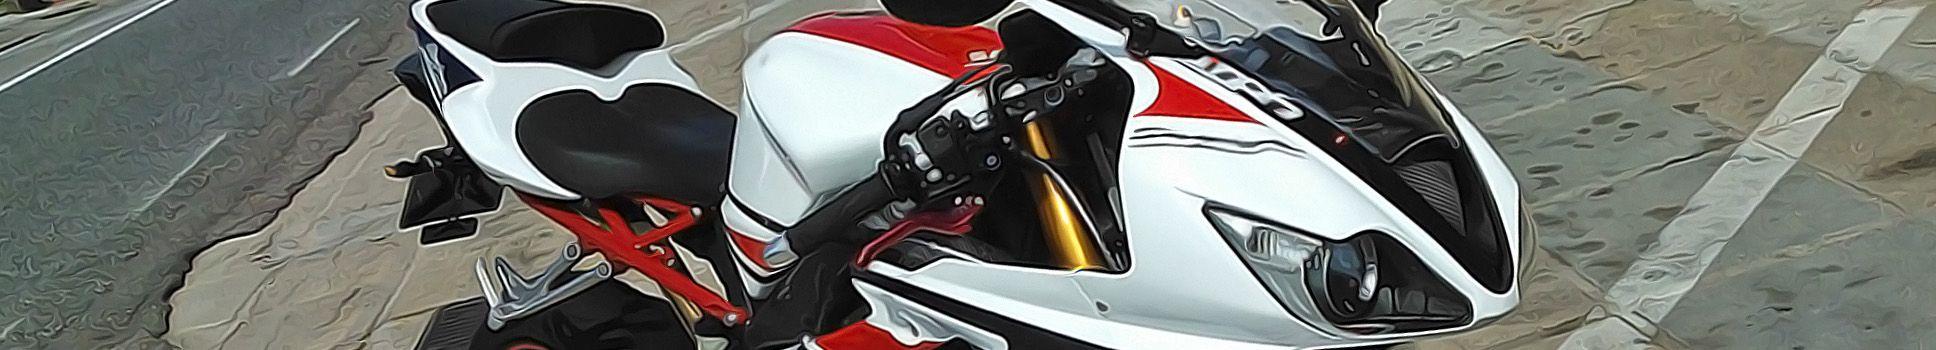 centauroshop realizzazione carene moto ed accessori